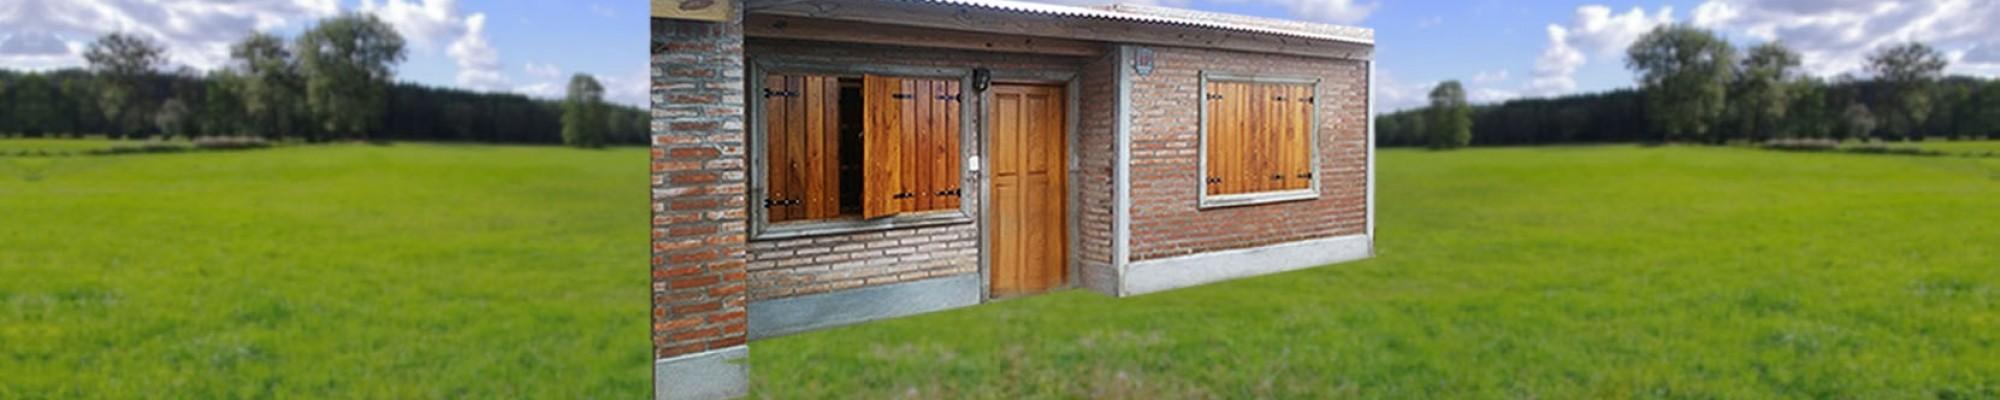 Casas Sofia